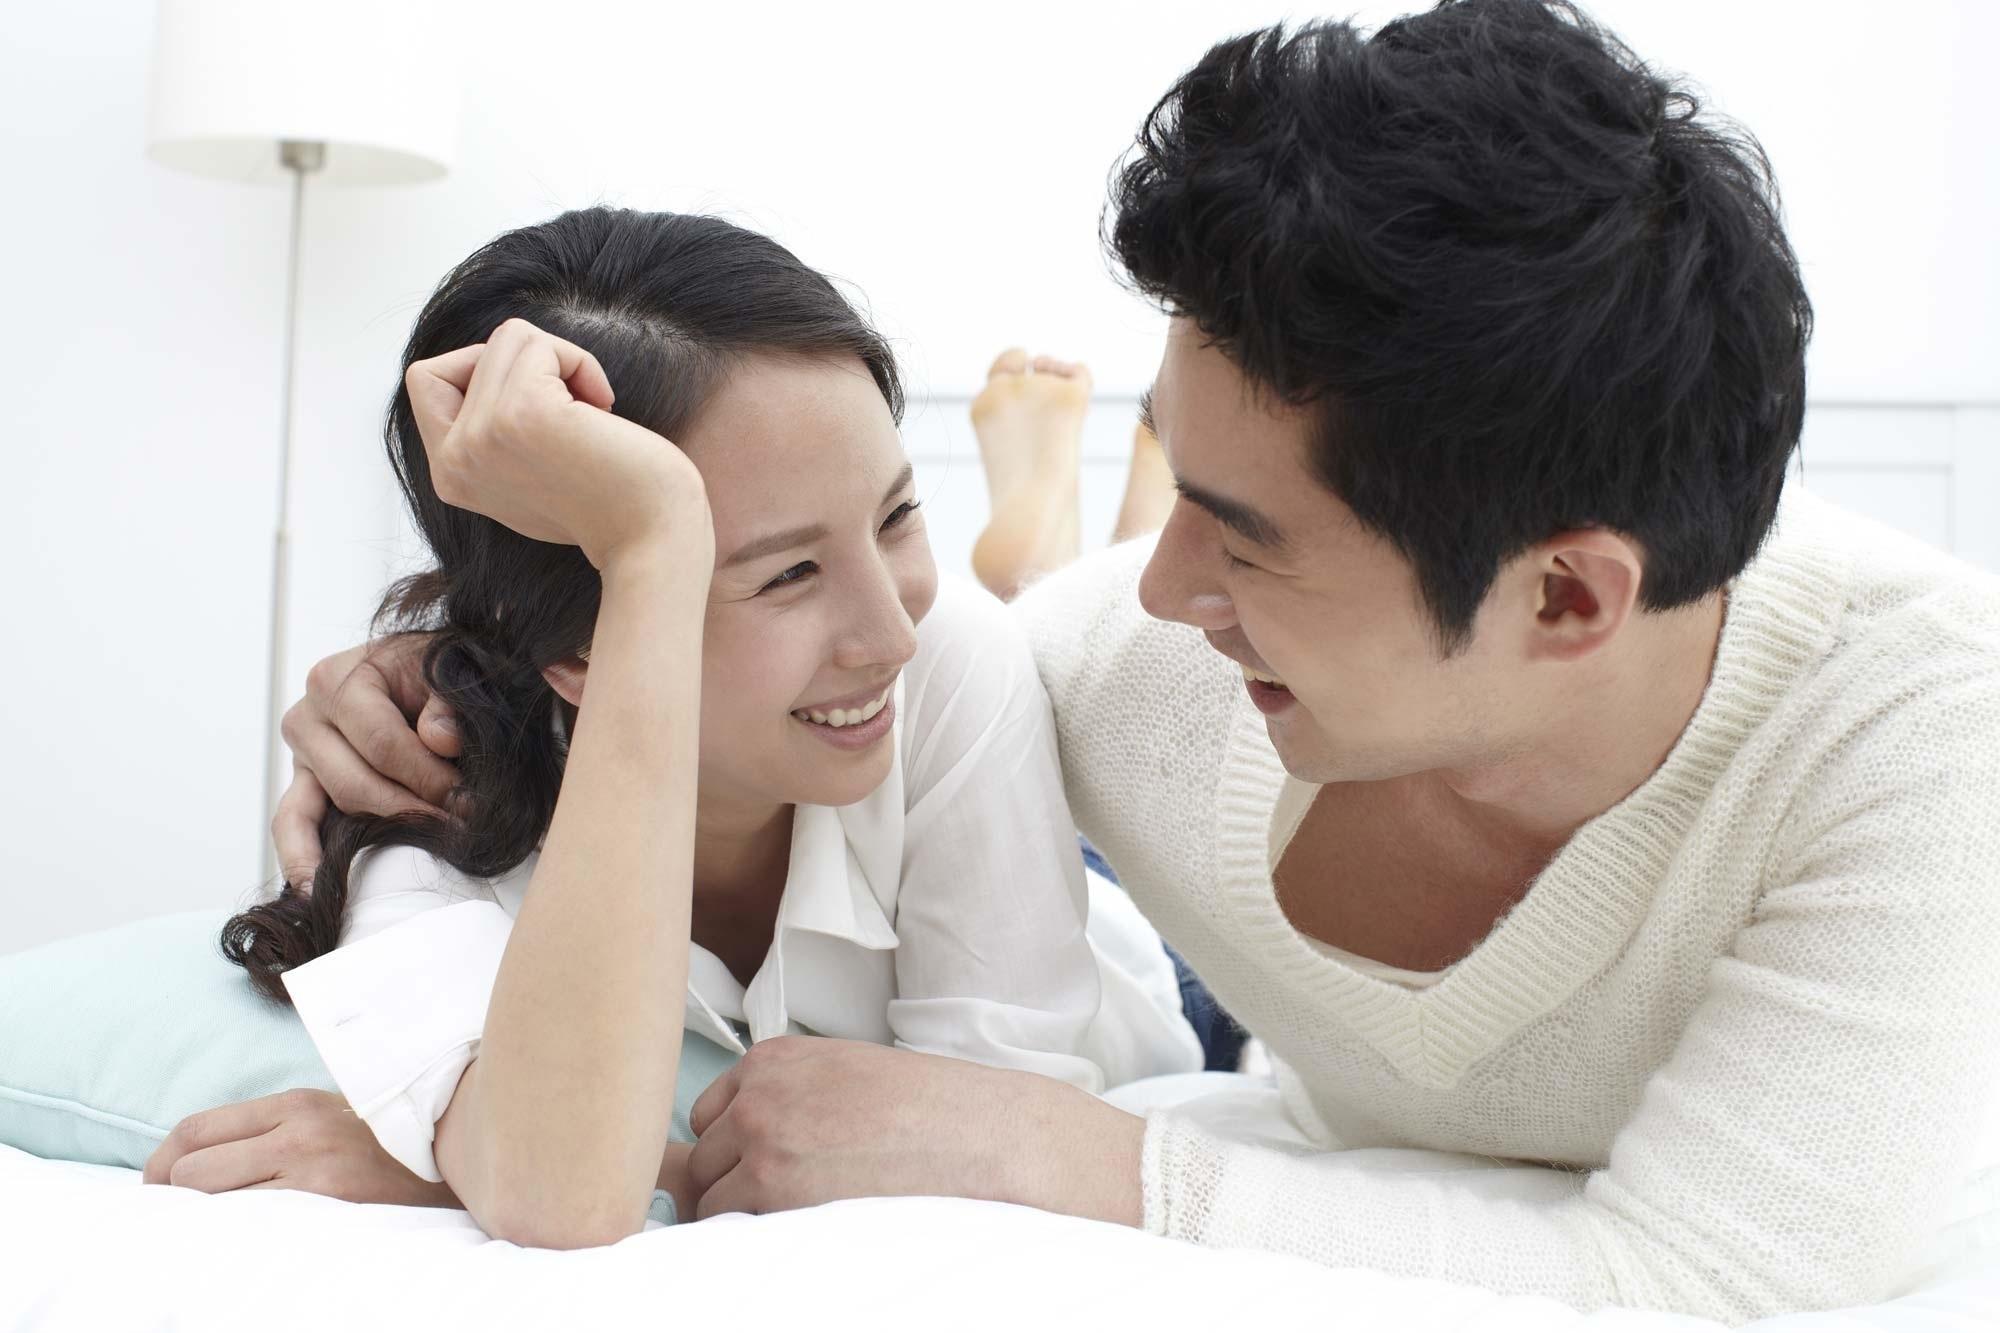 Chiêu trò 'biến hóa khôn lường' của kẻ cướp chồng khiến vợ chính chuyên không kịp trở tay - Ảnh 2